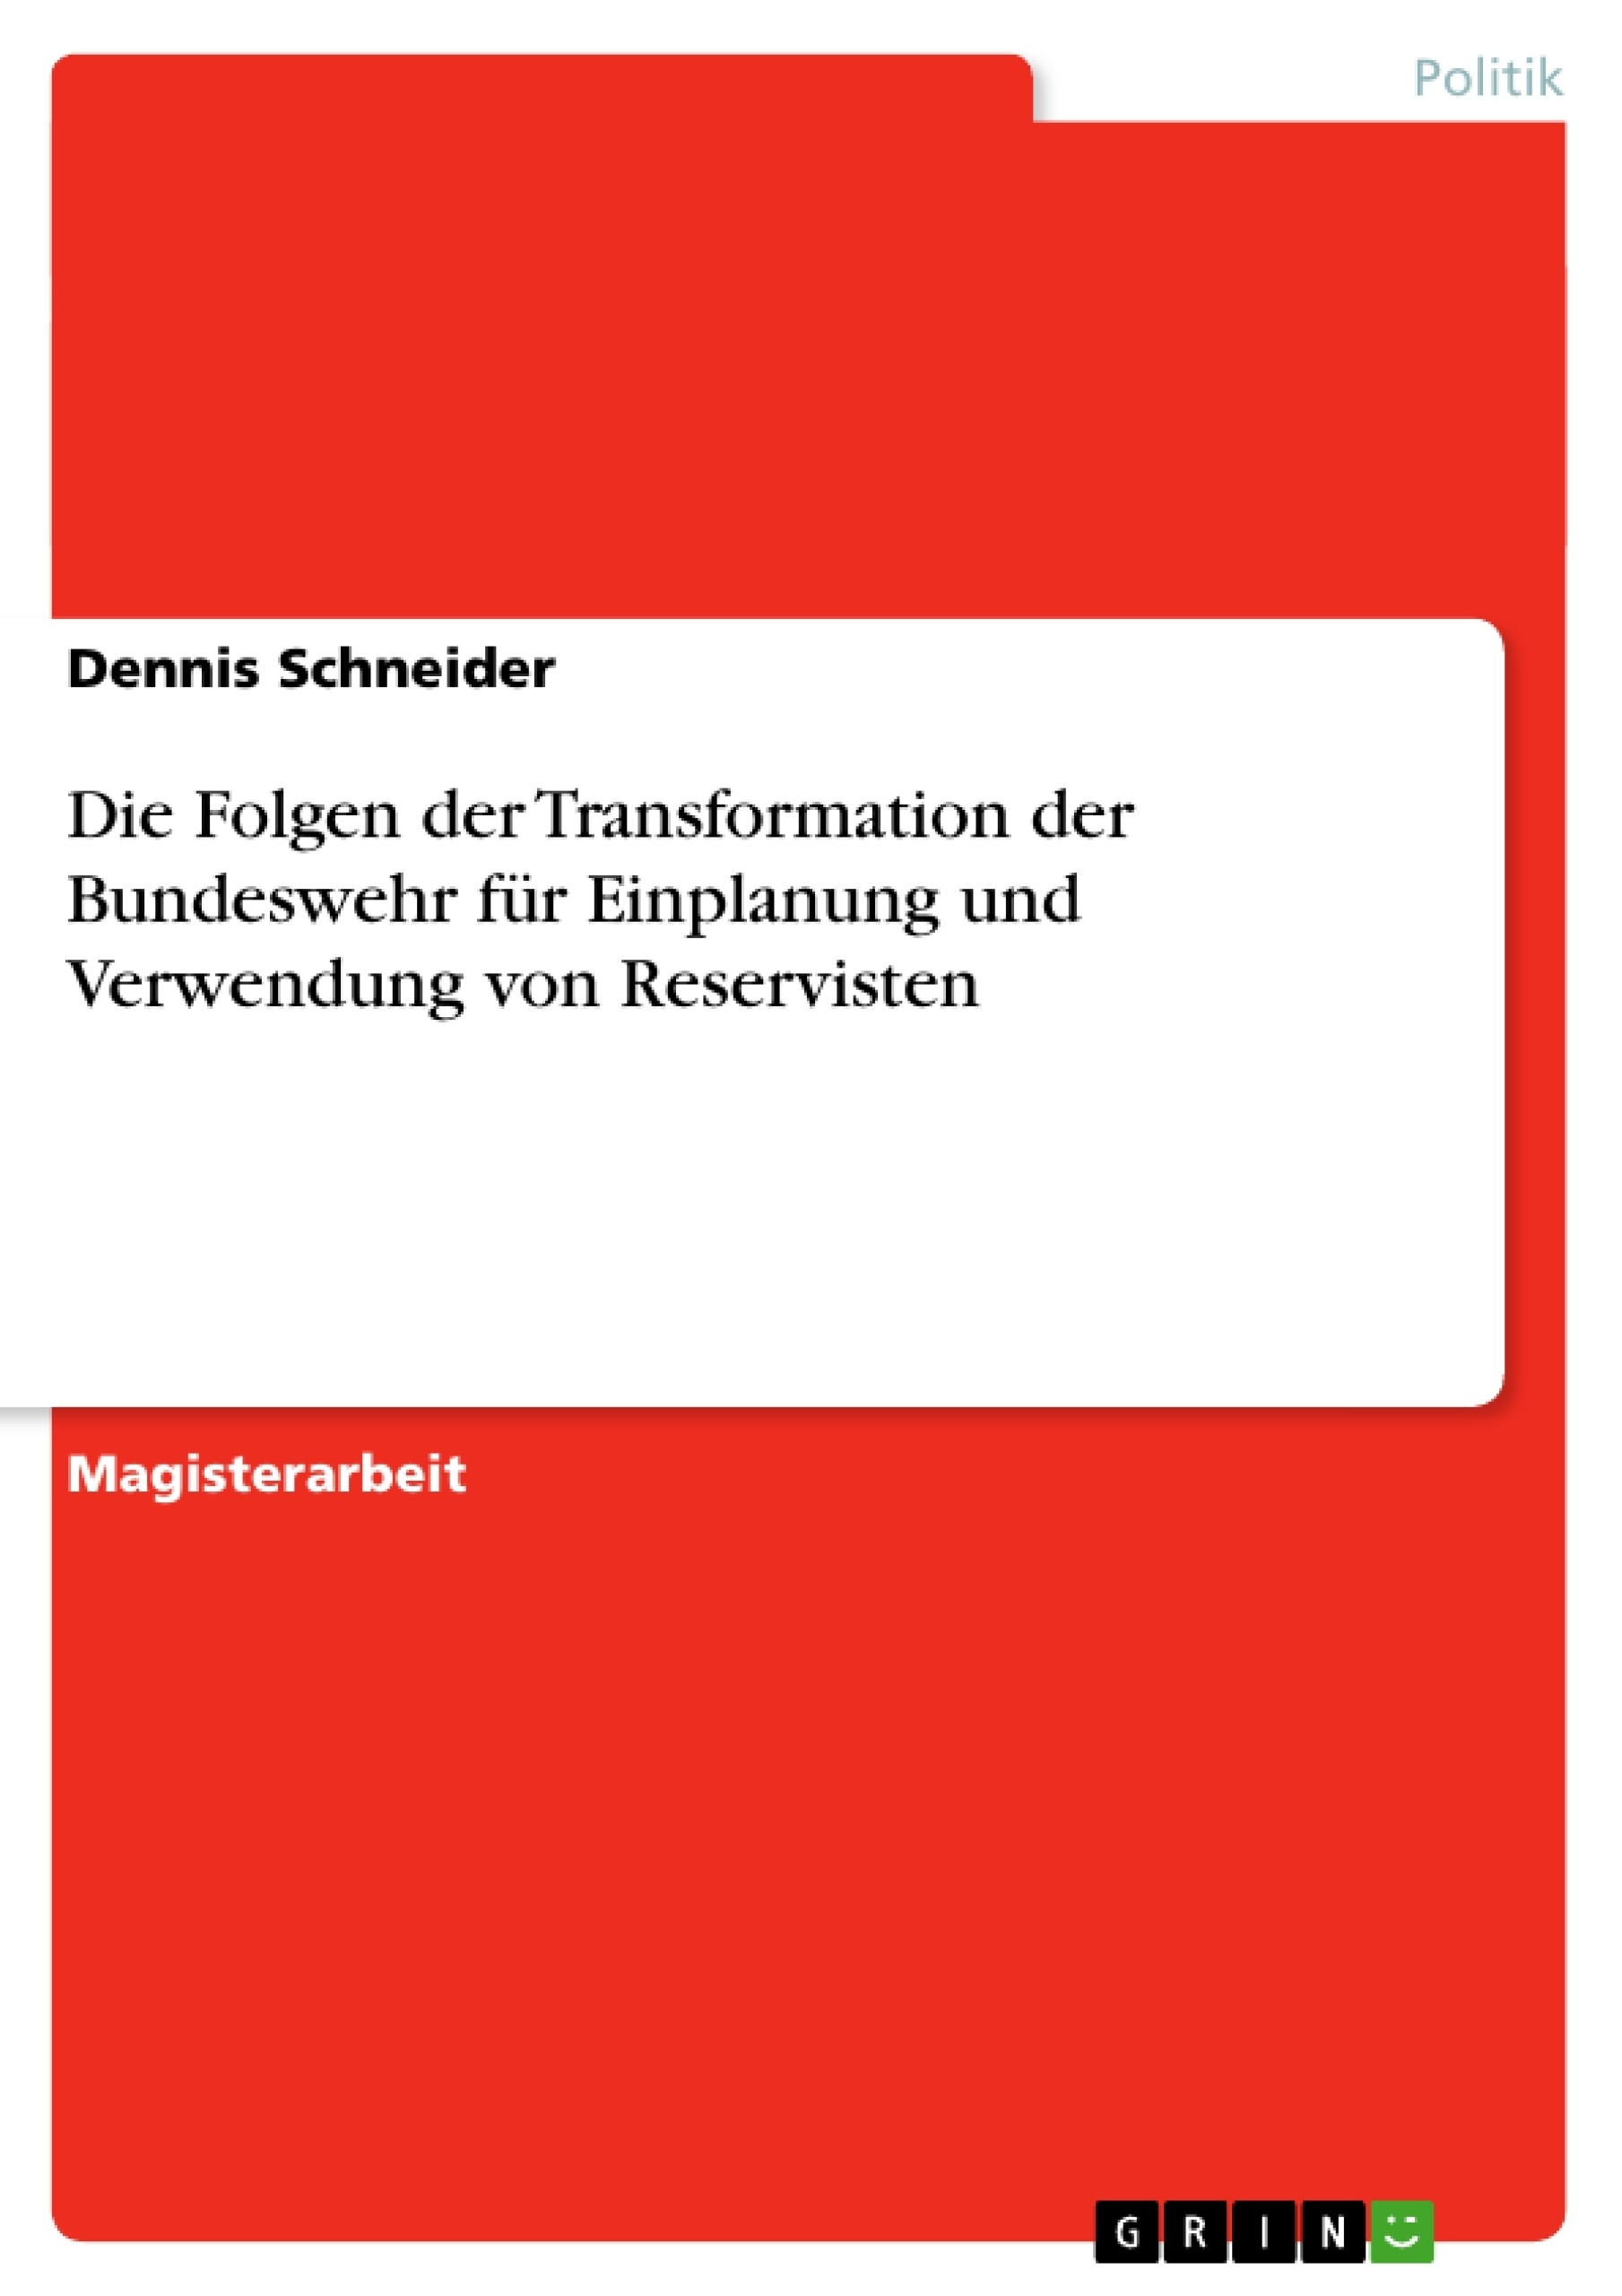 Titel: Die Folgen der Transformation der Bundeswehr für Einplanung und Verwendung von Reservisten